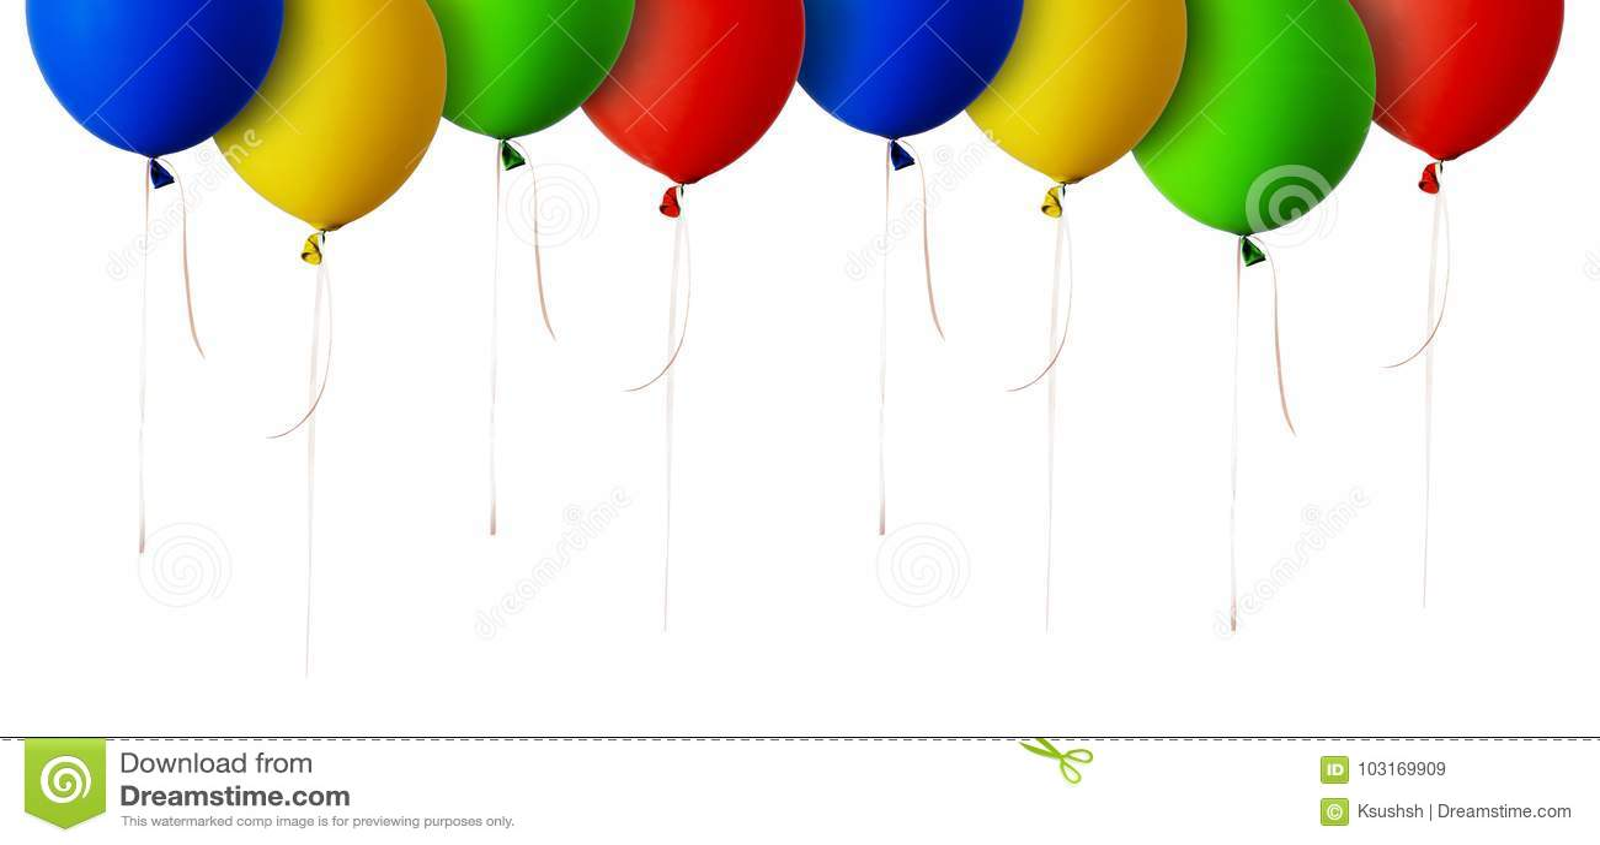 Κόκκινα, μπλε, πράσινα και κίτρινα σύνορα μπαλονιών